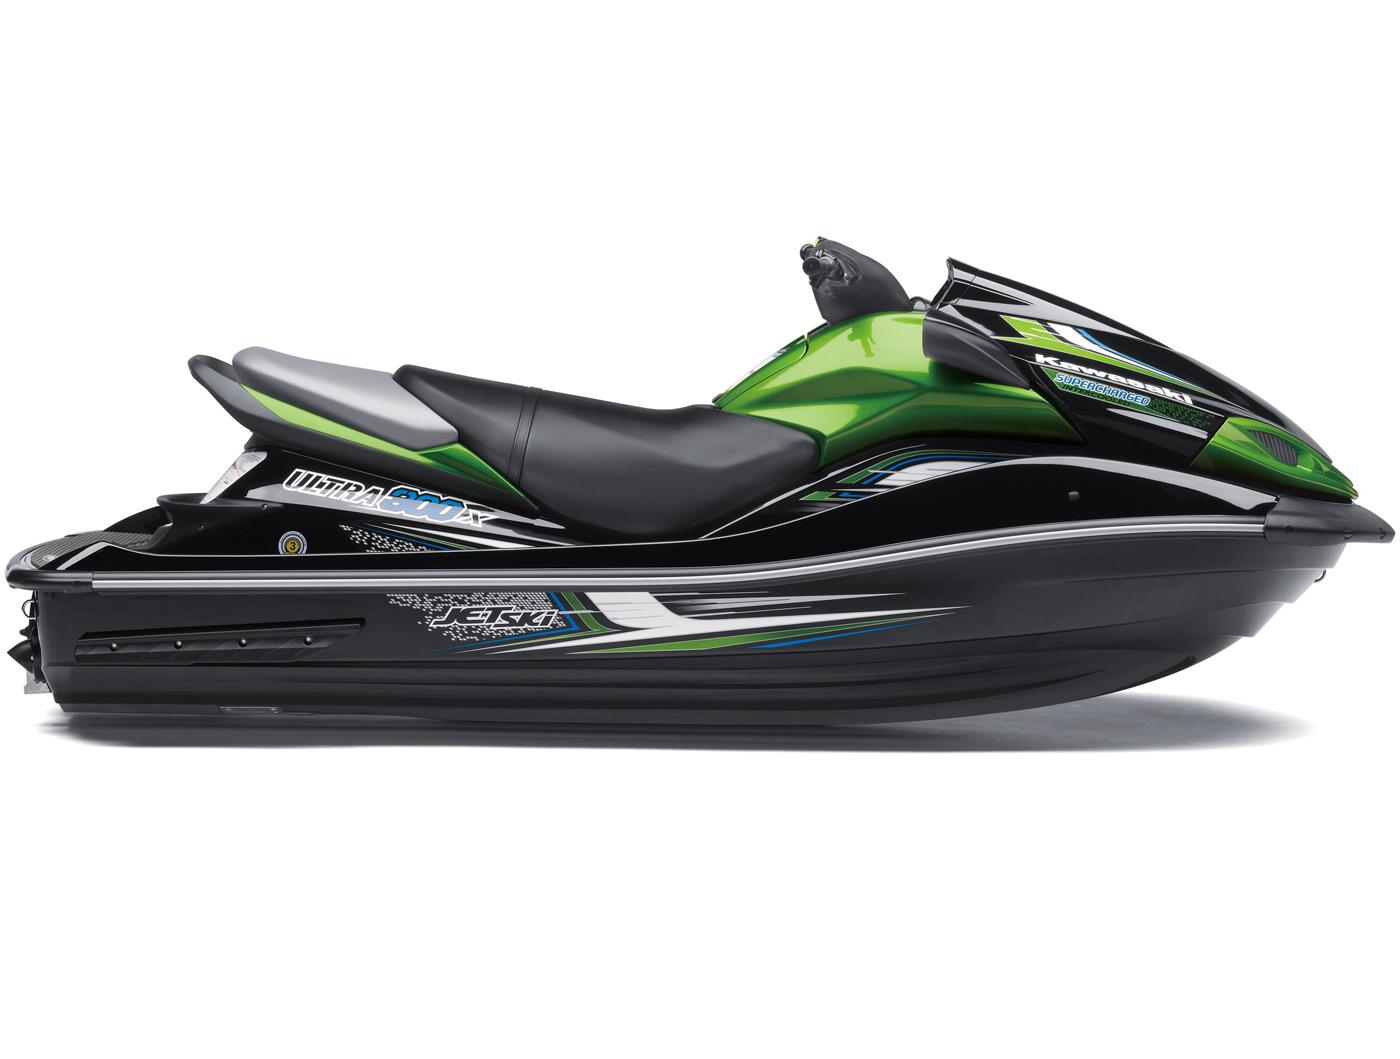 Kawasaki Jet Ski Ultra X Jt Specs